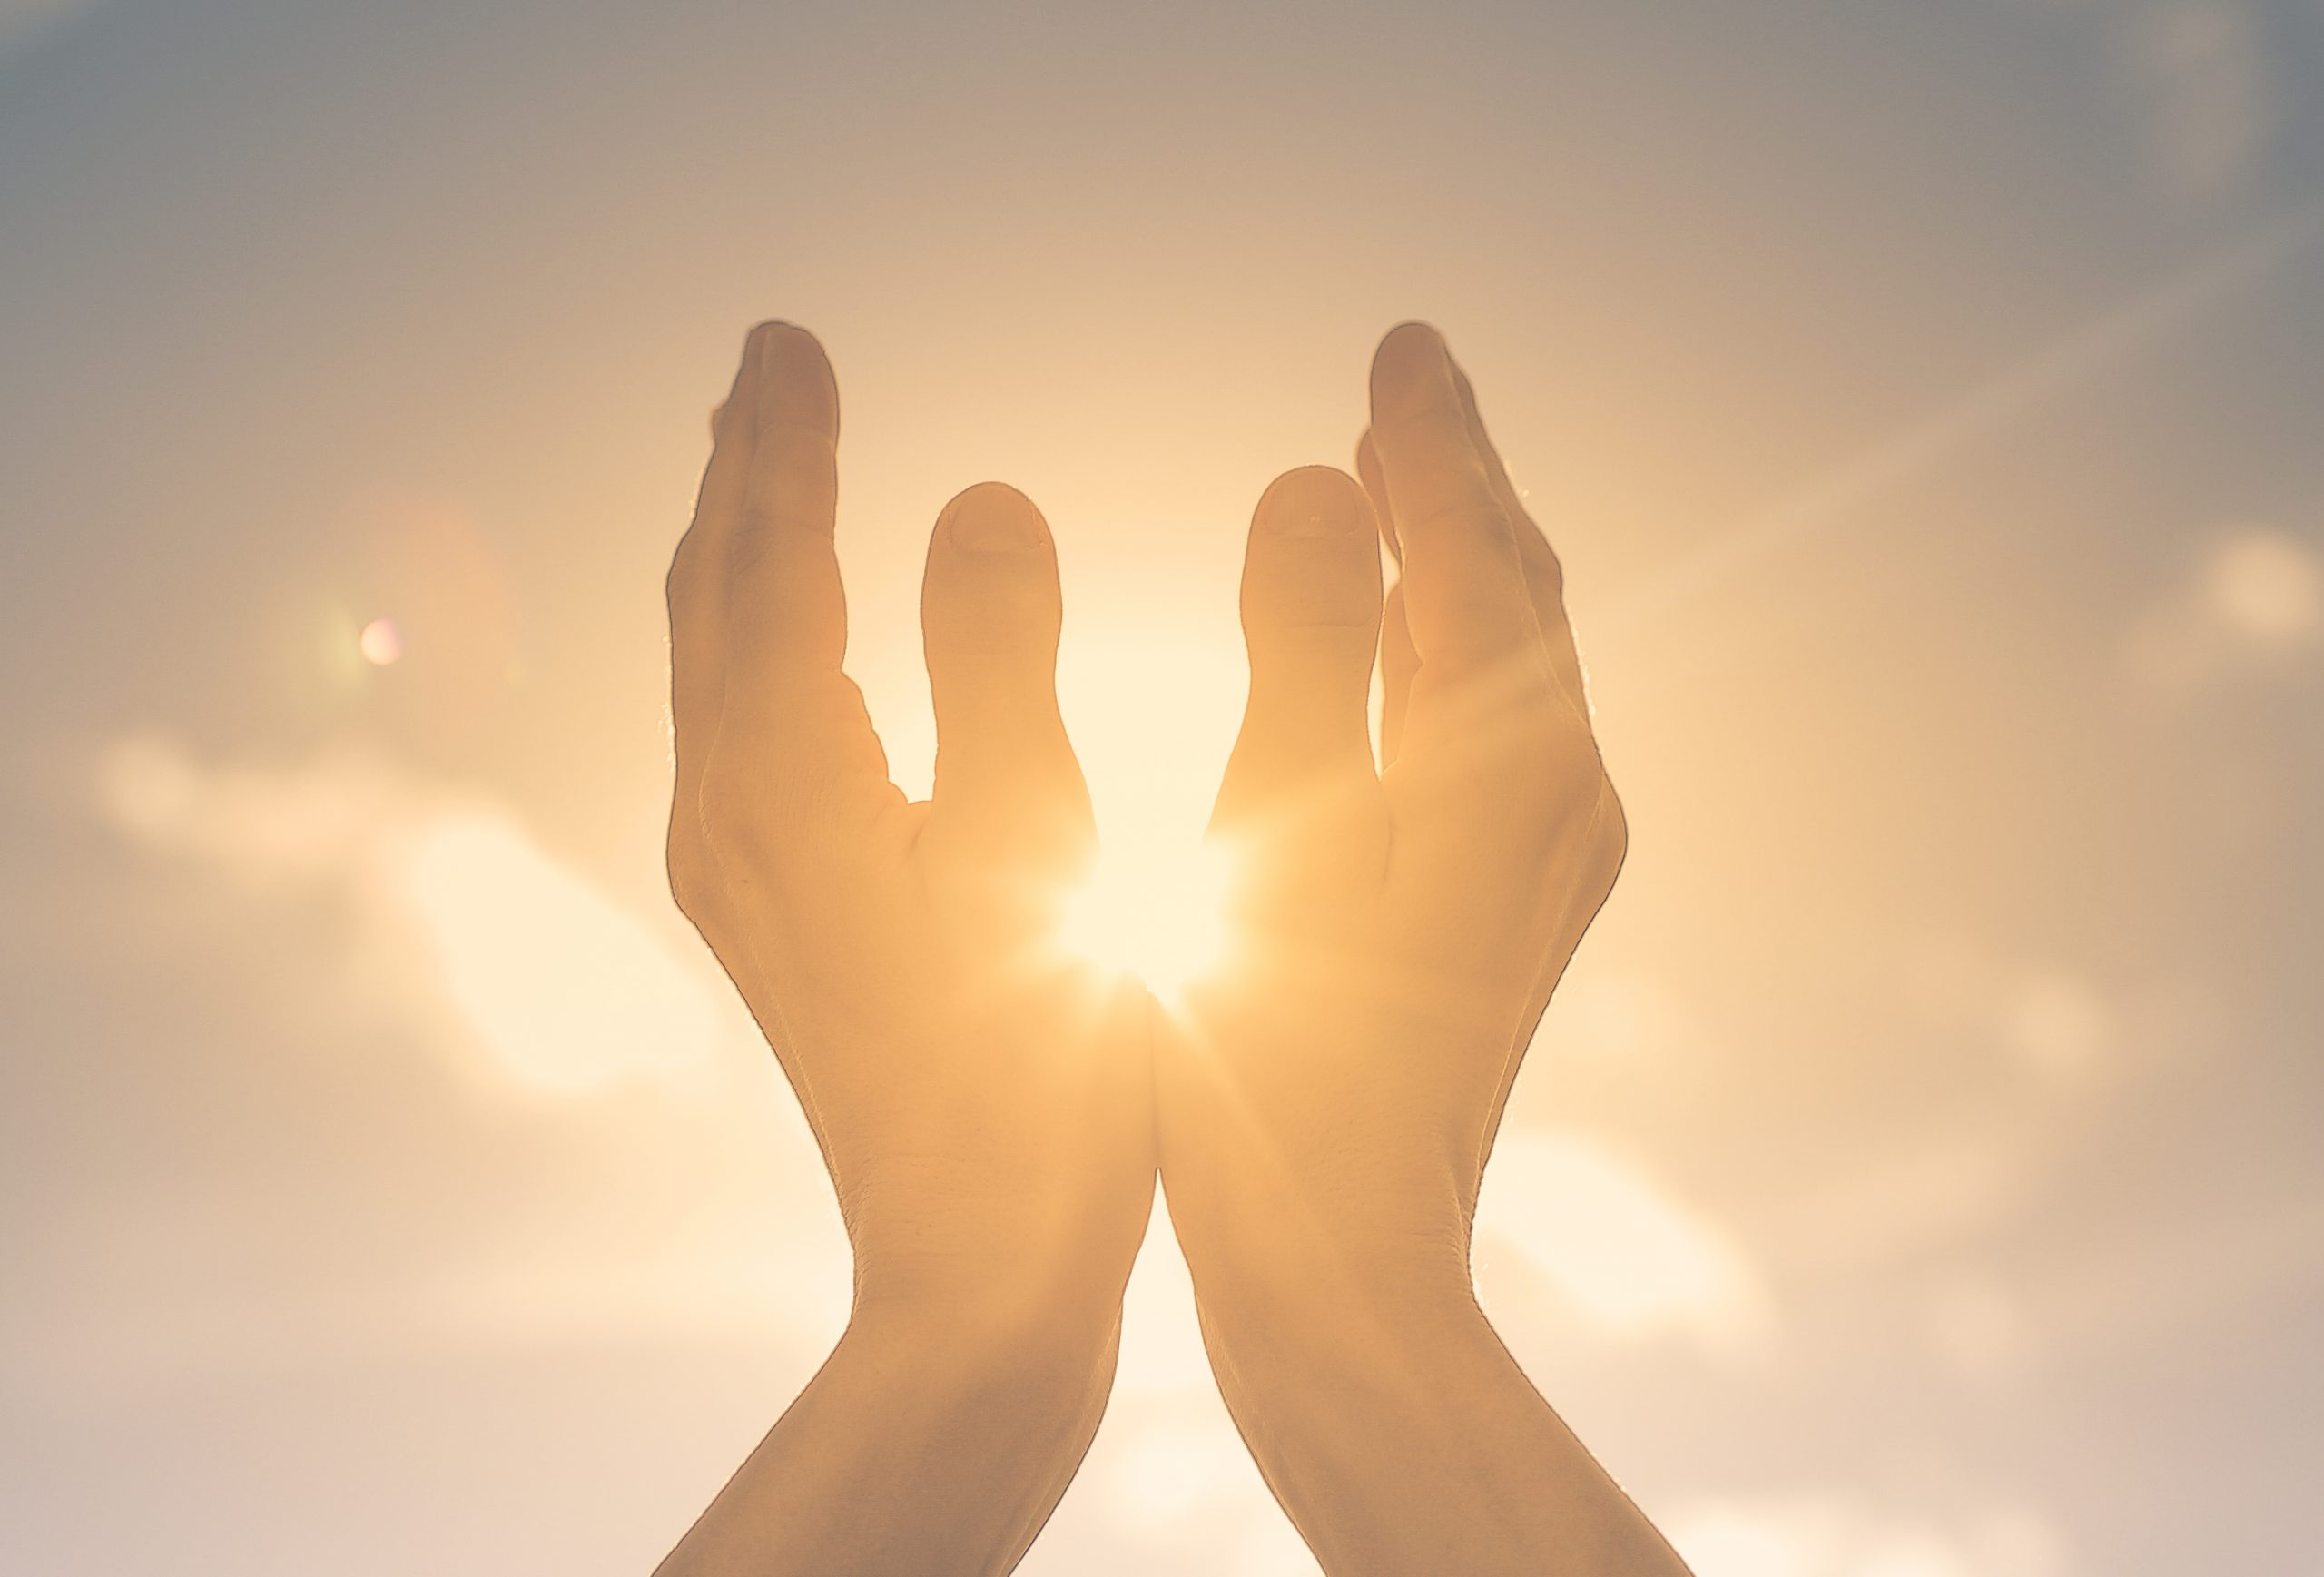 Hände zur Sonne gerichtet